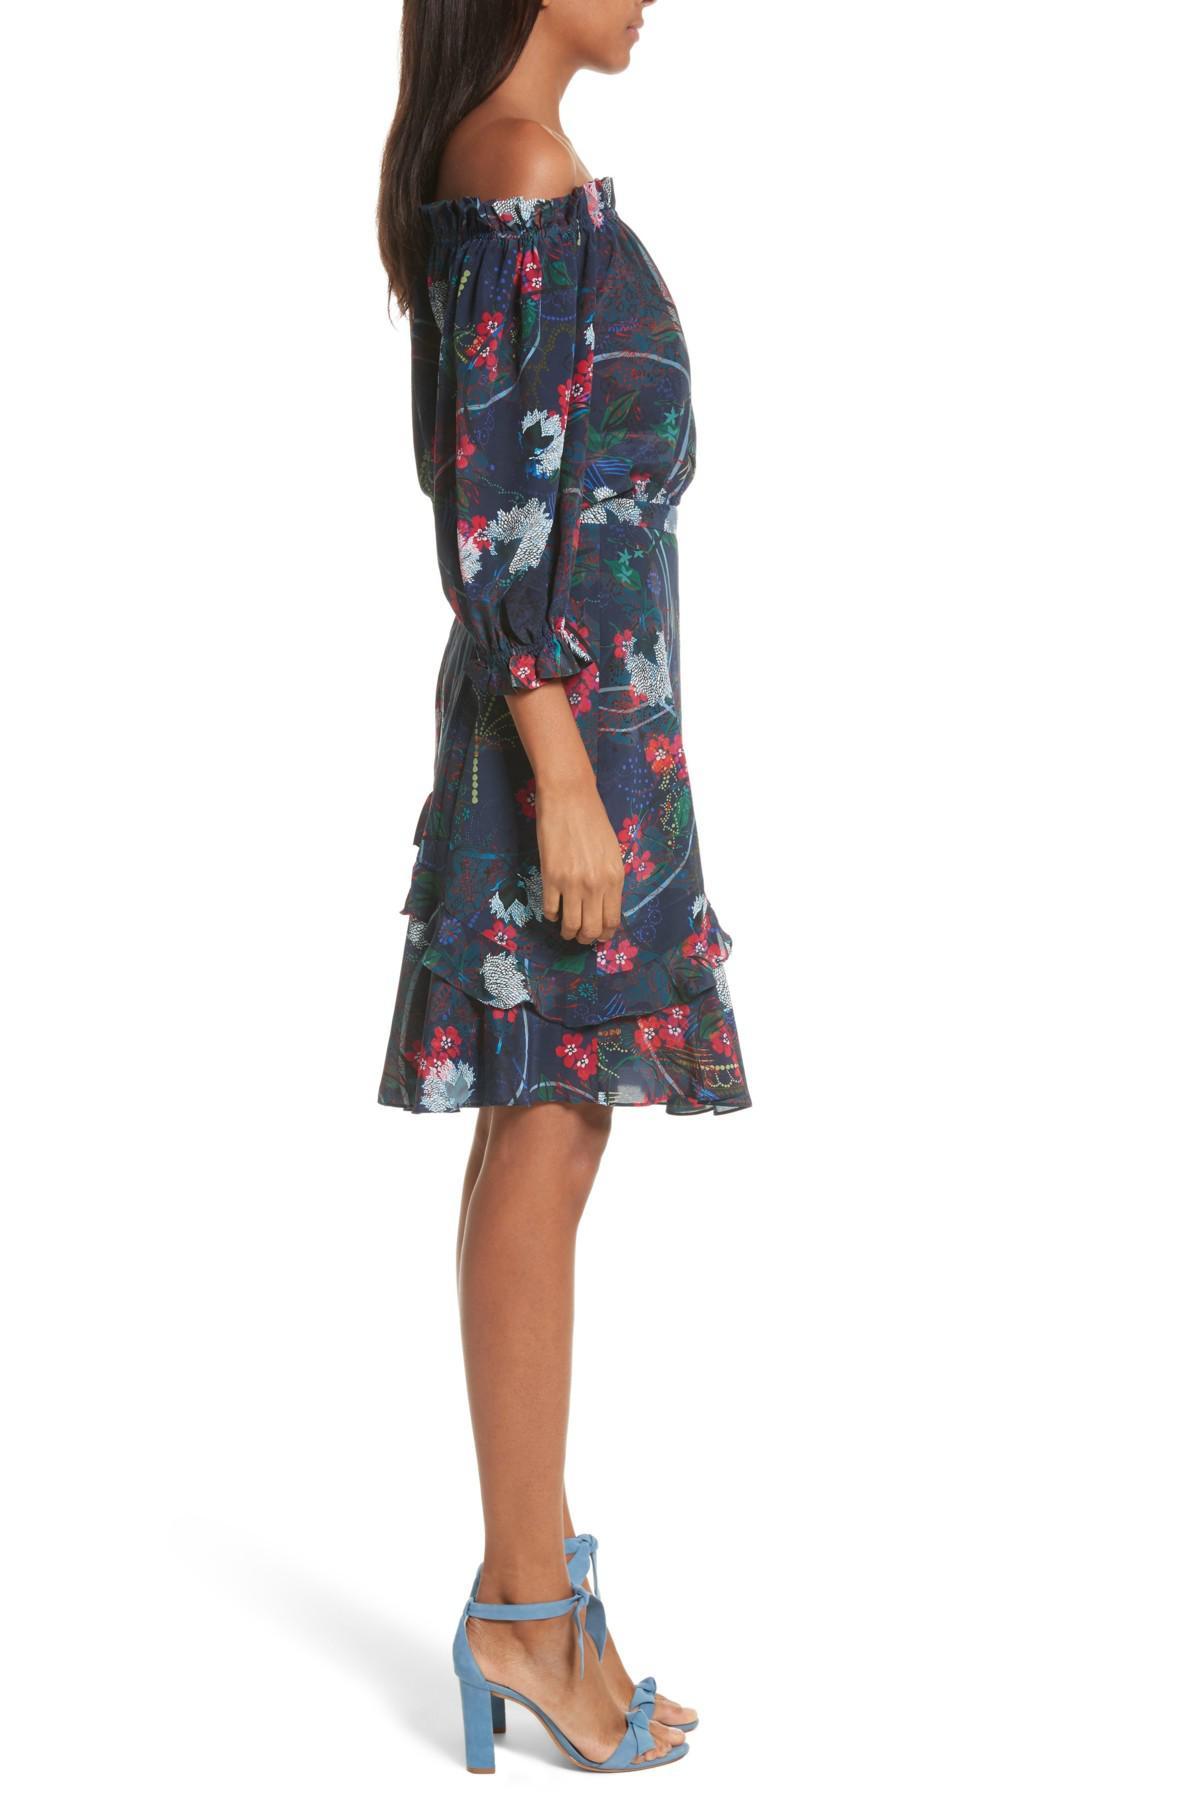 Grace Off Shoulder Ruffle DressSaloni Classique En Ligne Boutique En Ligne Vente De Faux 7egJTvQ0Z